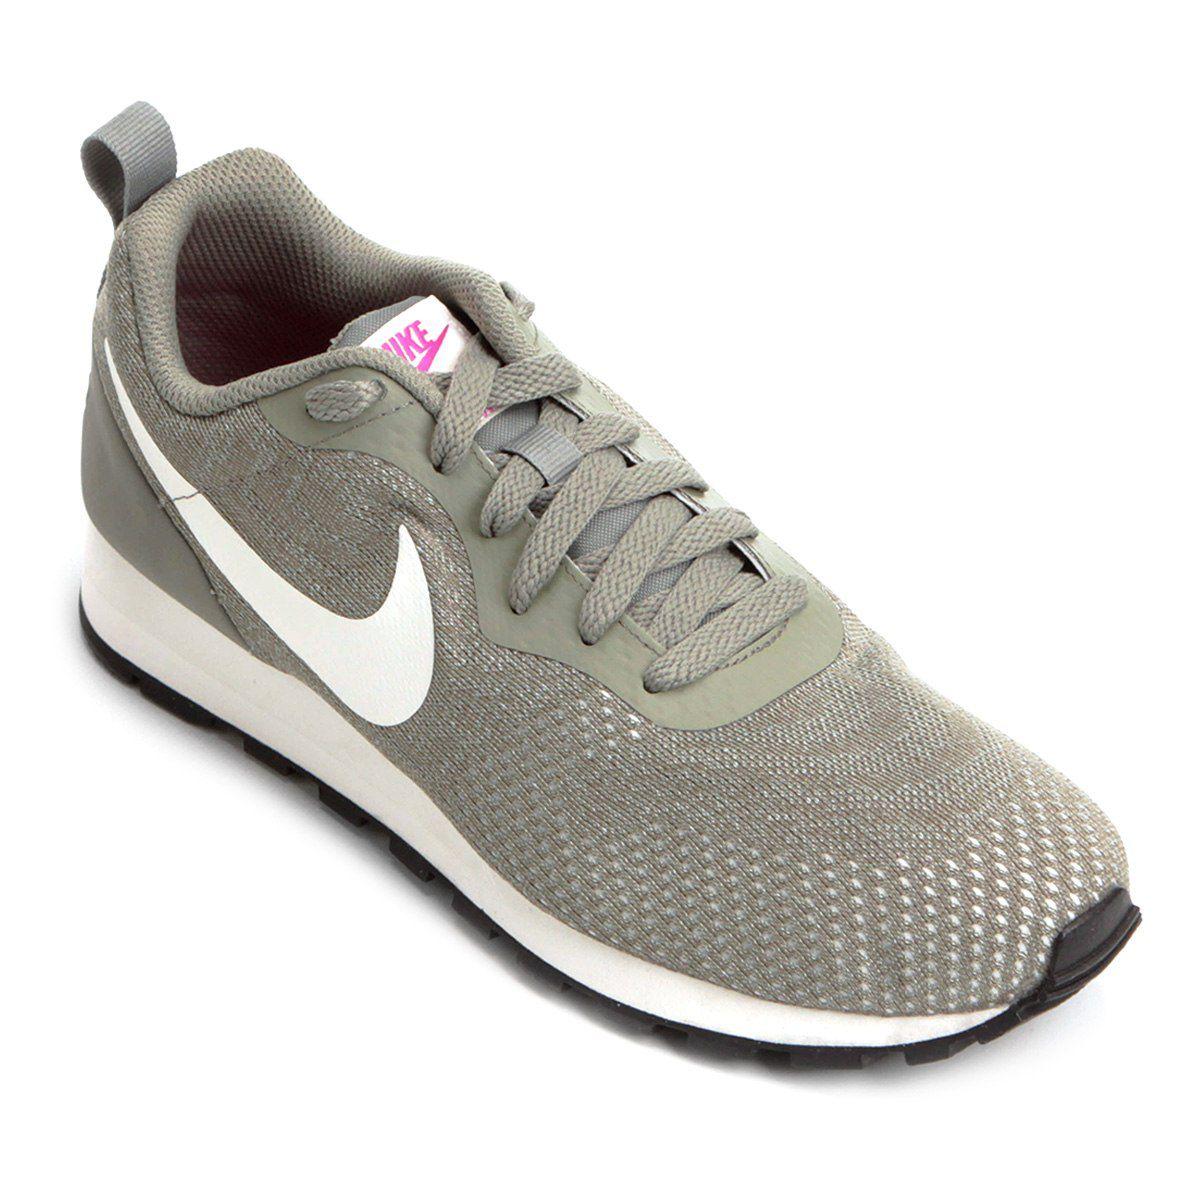 6de0289be5 Tênis Feminino Nike Md Runner 2 Eng Mesh - BRACIA SHOP  Loja de ...